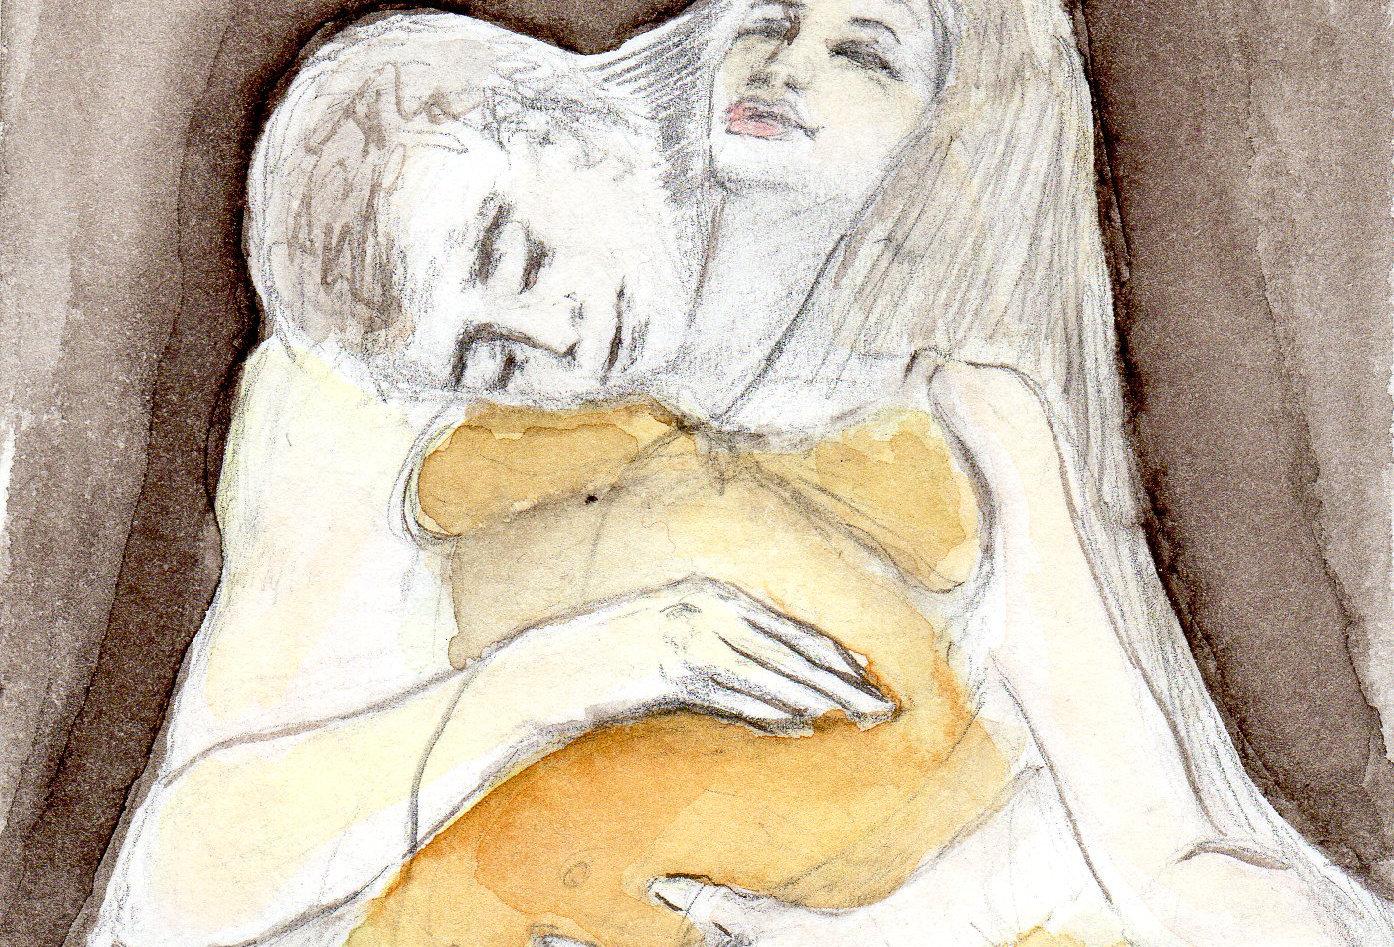 umarmtgehalten und geliebt